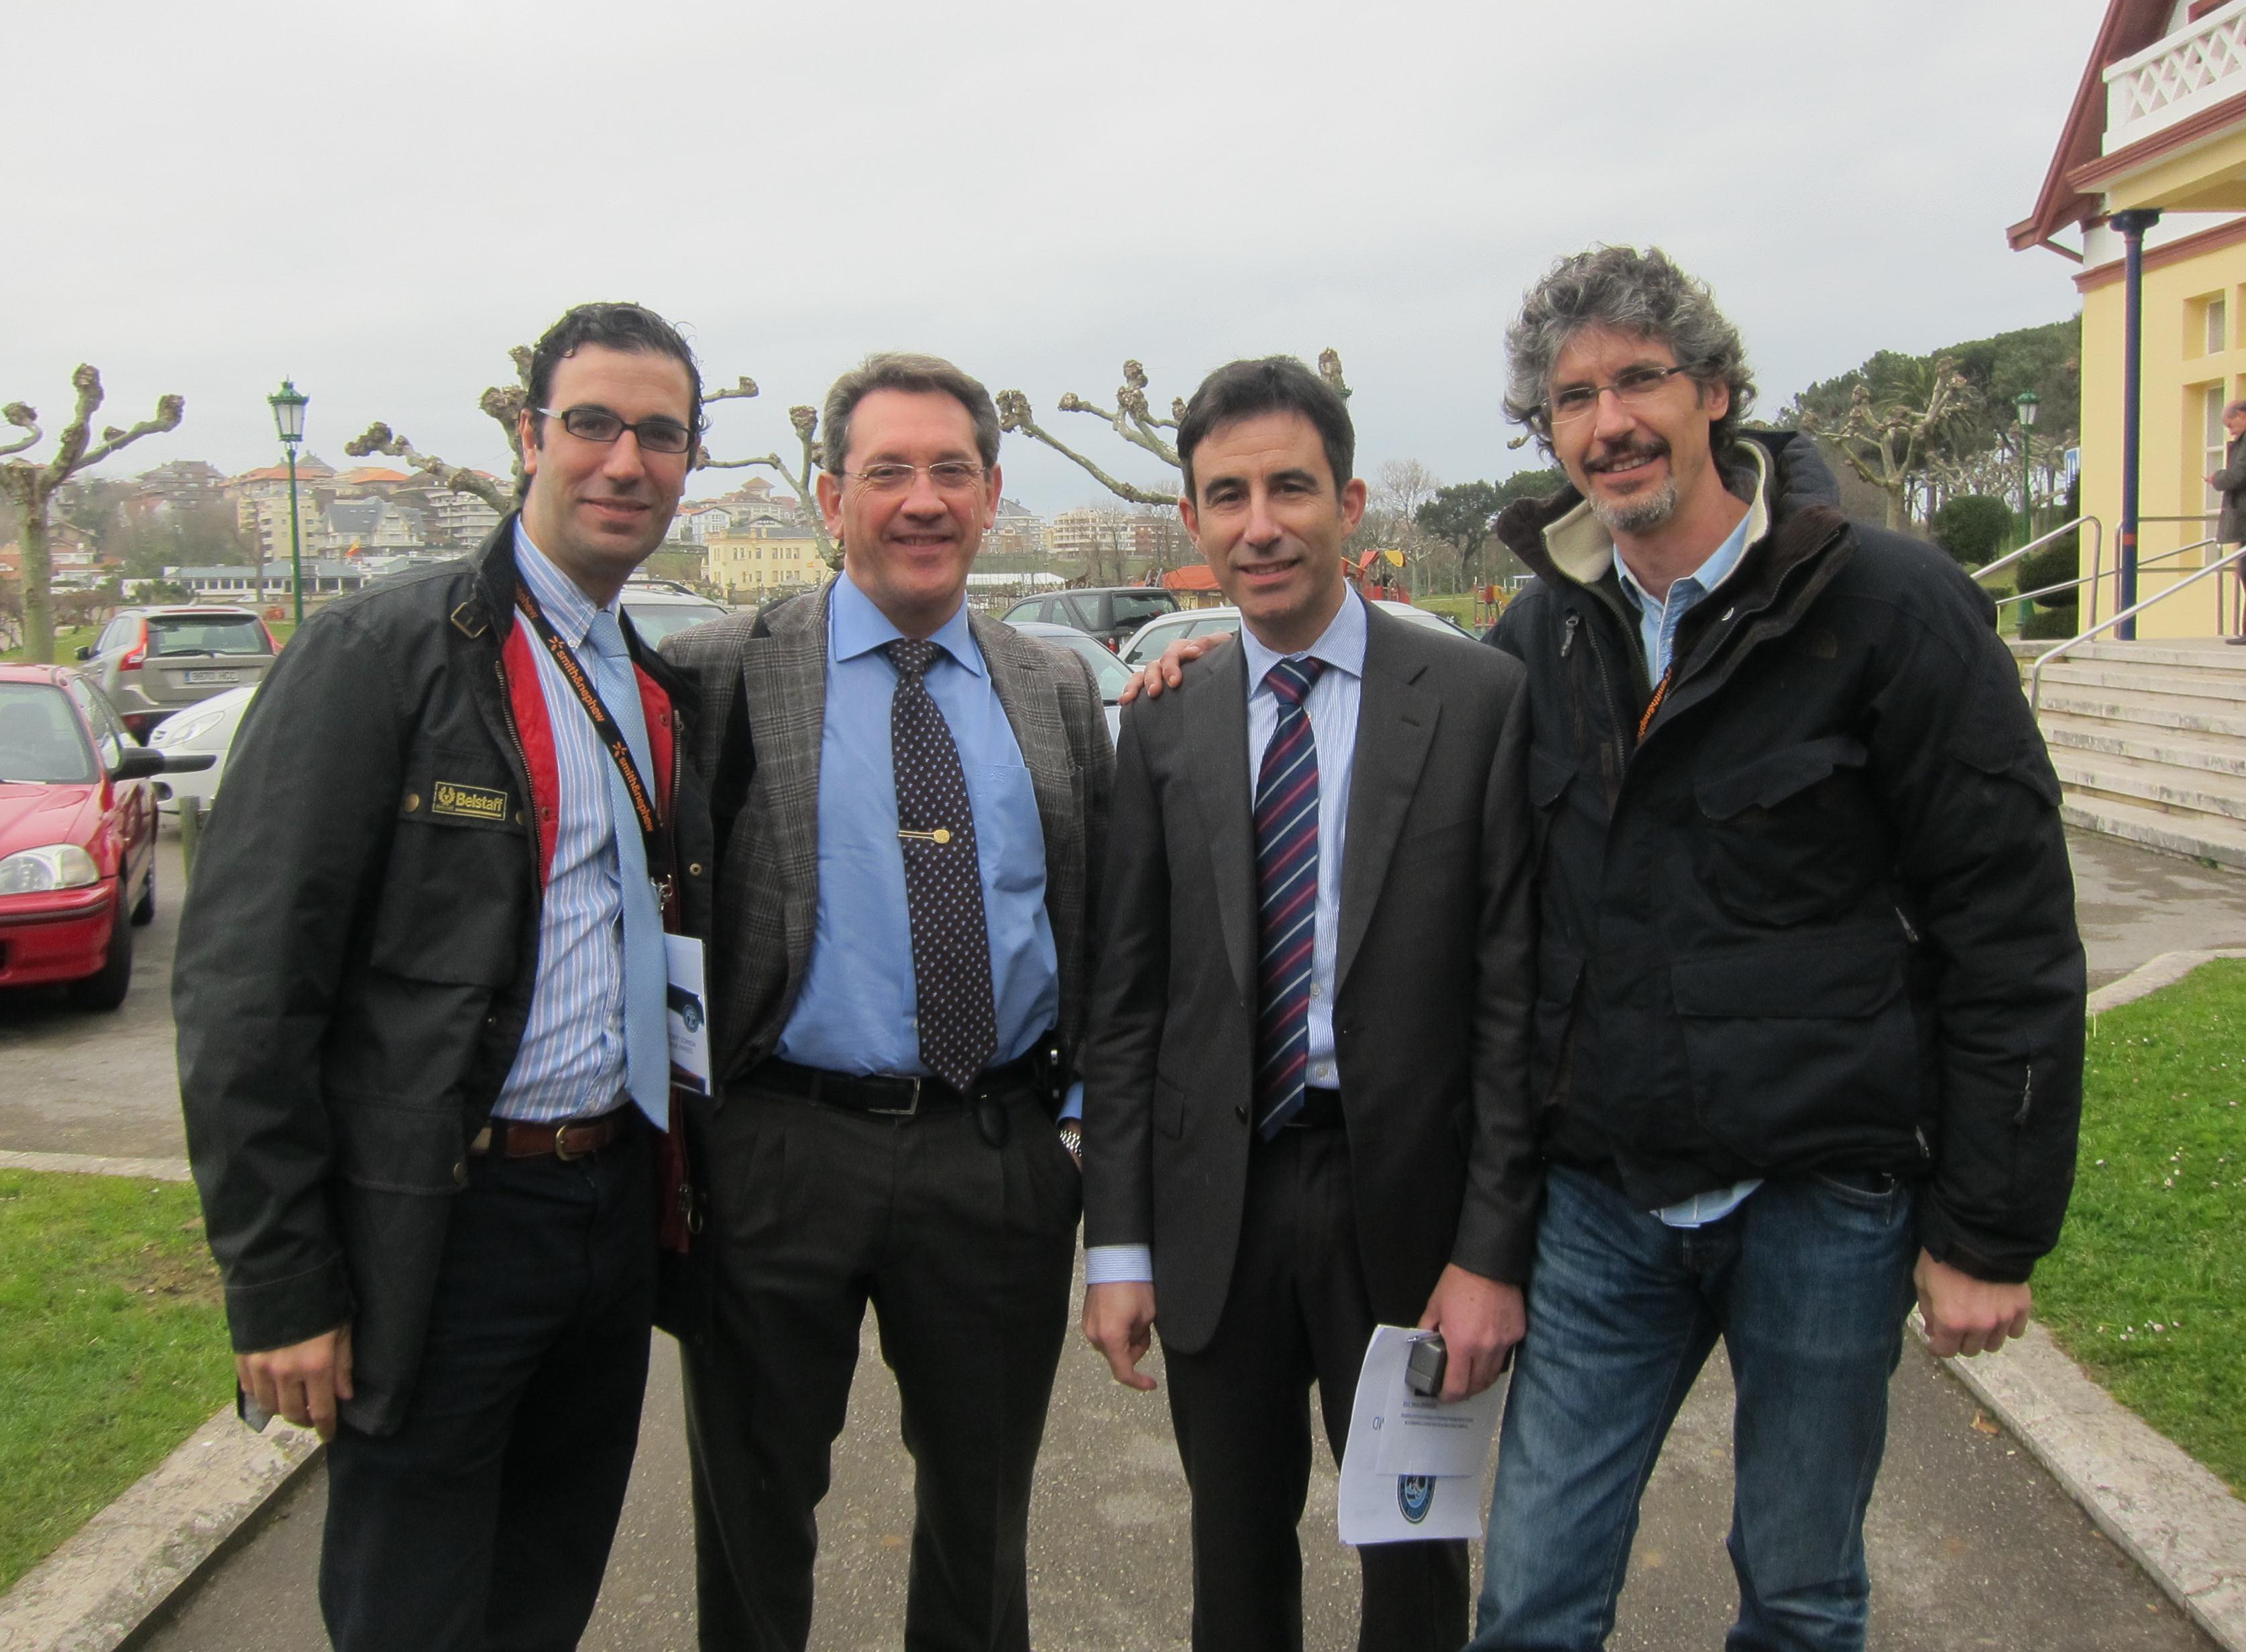 2º SSM Drs. Bernáldez,Sánchez, Pérez Carro y Golano 8 Marzo 2012